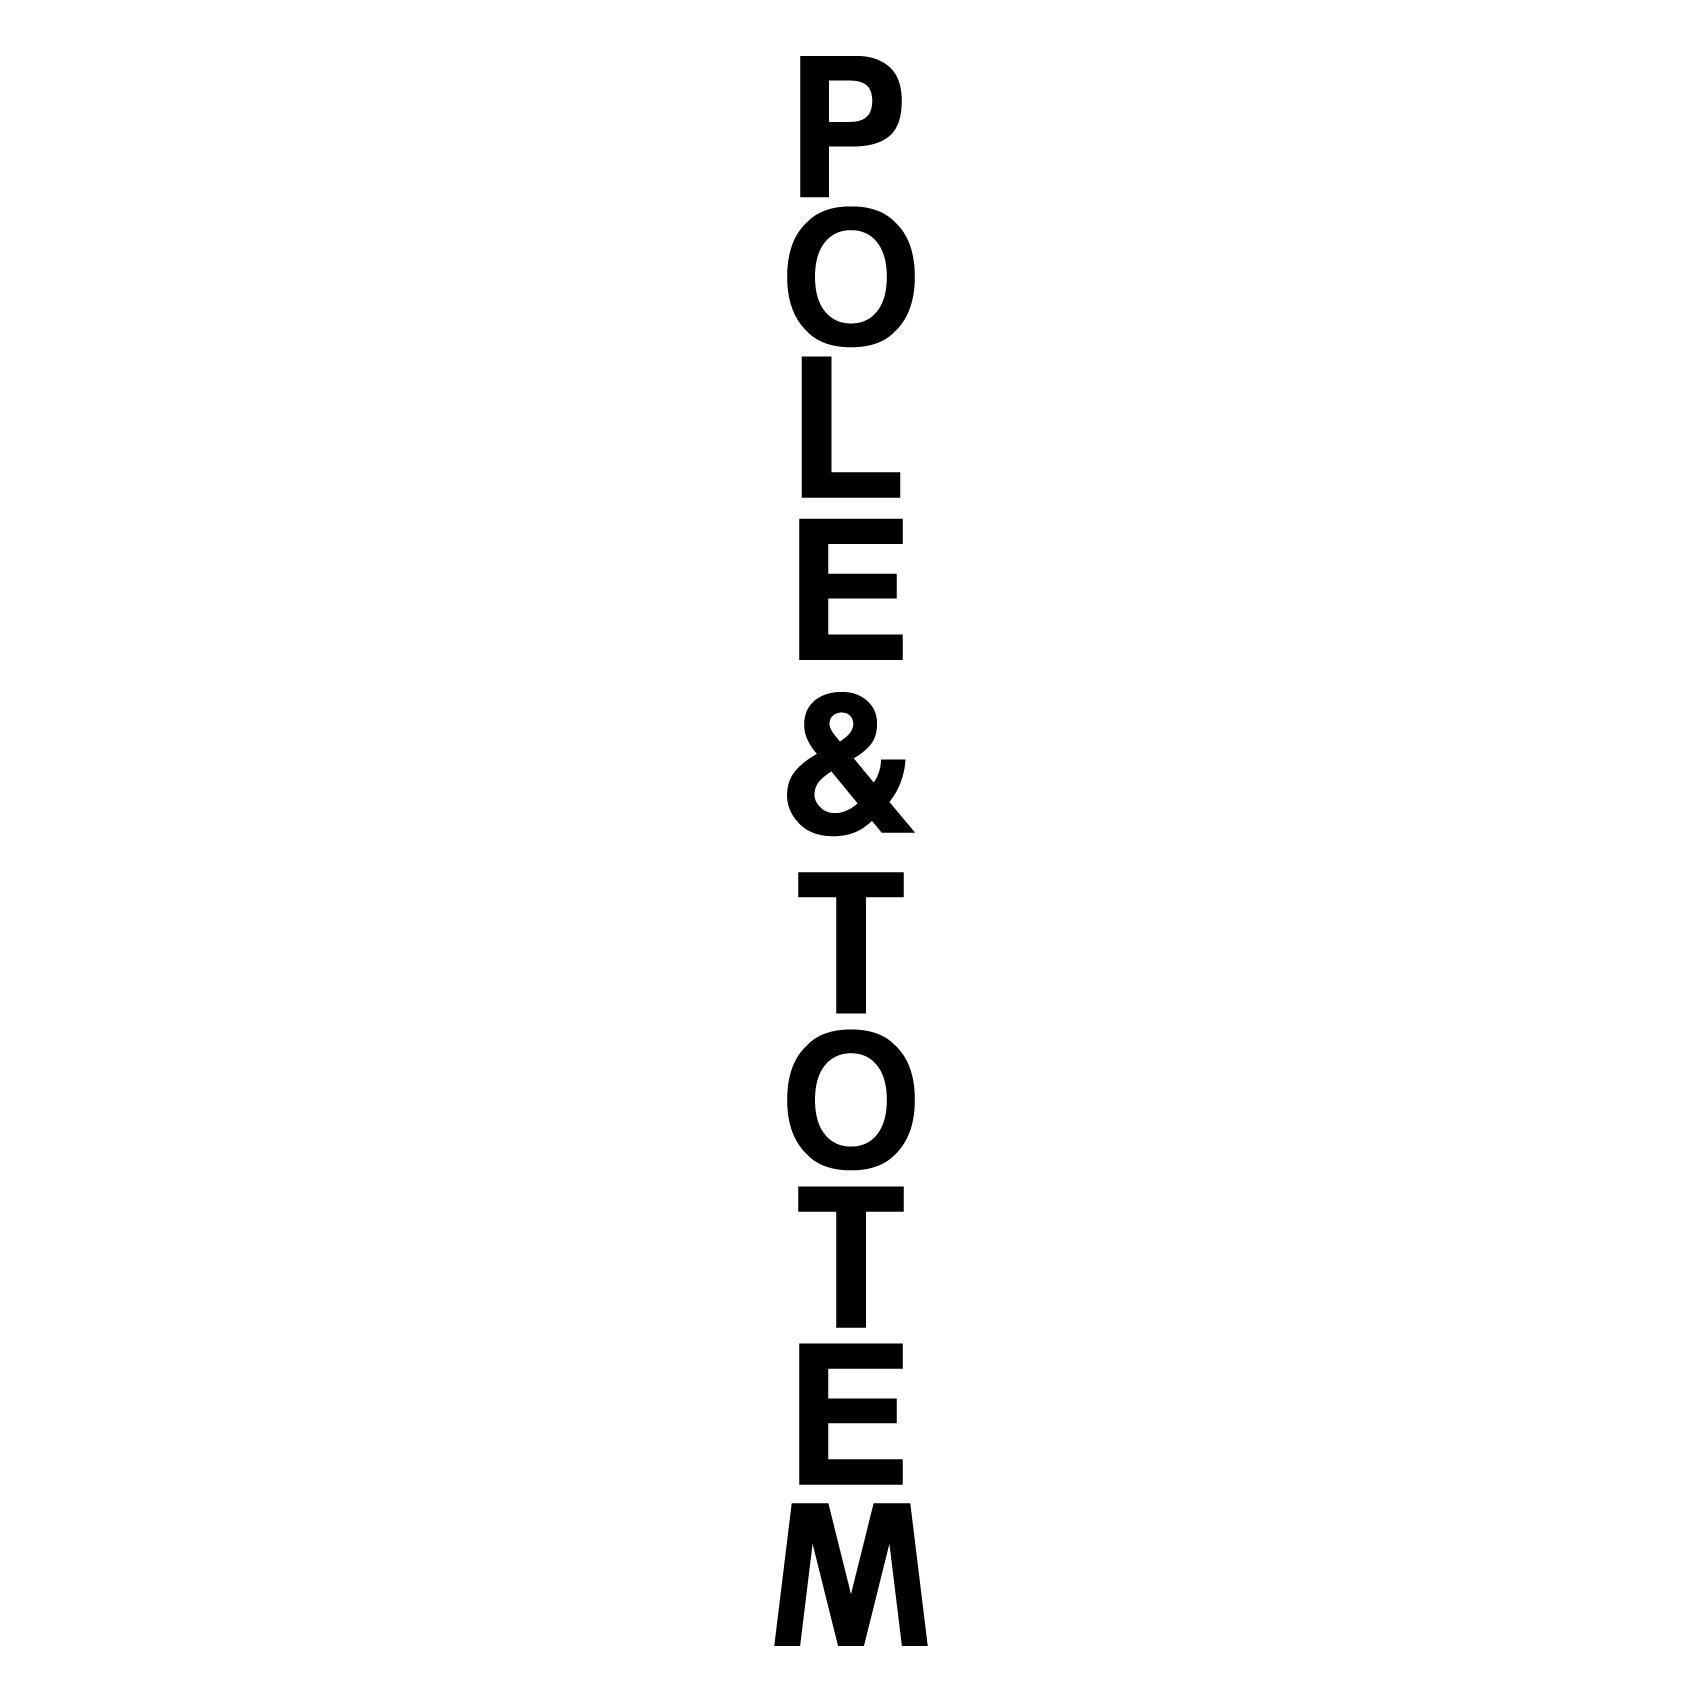 「POLE & TOTEM」